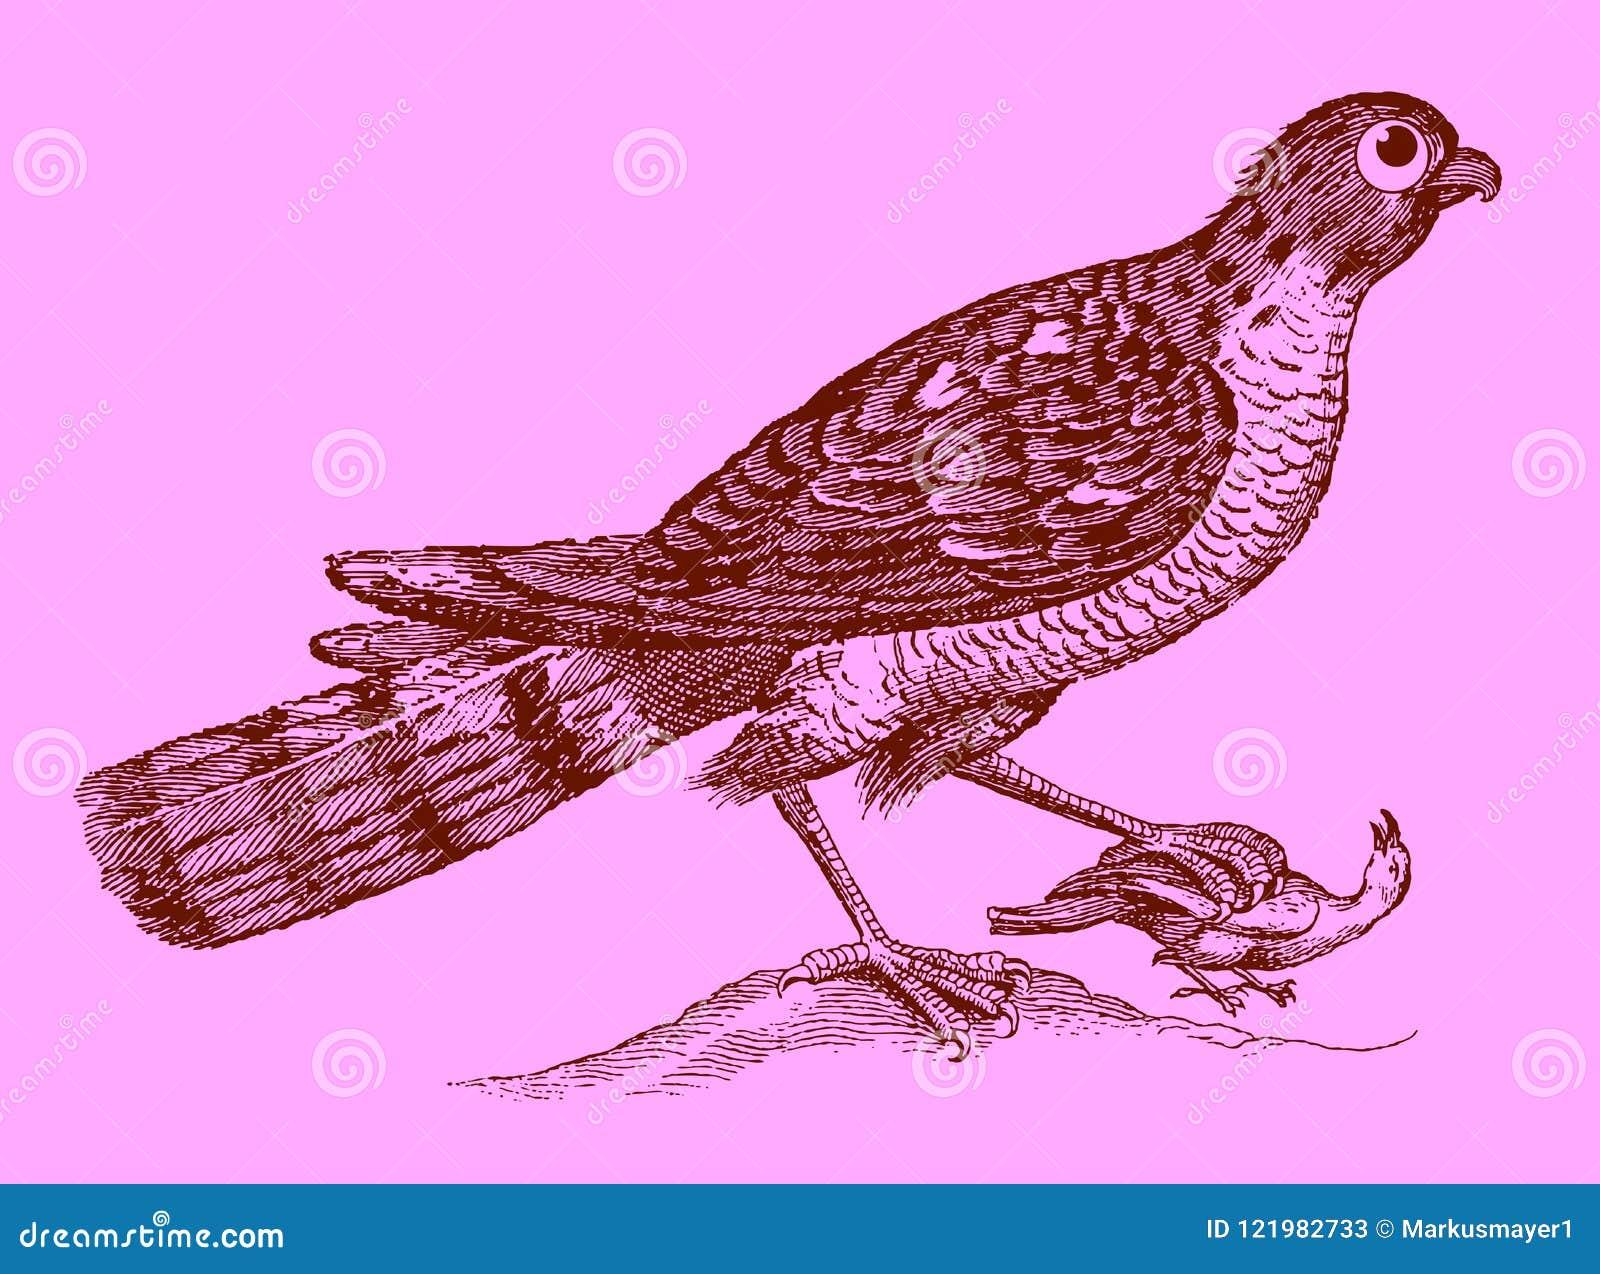 Leuk roofdier: Europees-Aziatische sparrowhawk die een gevangen vogel in t houden